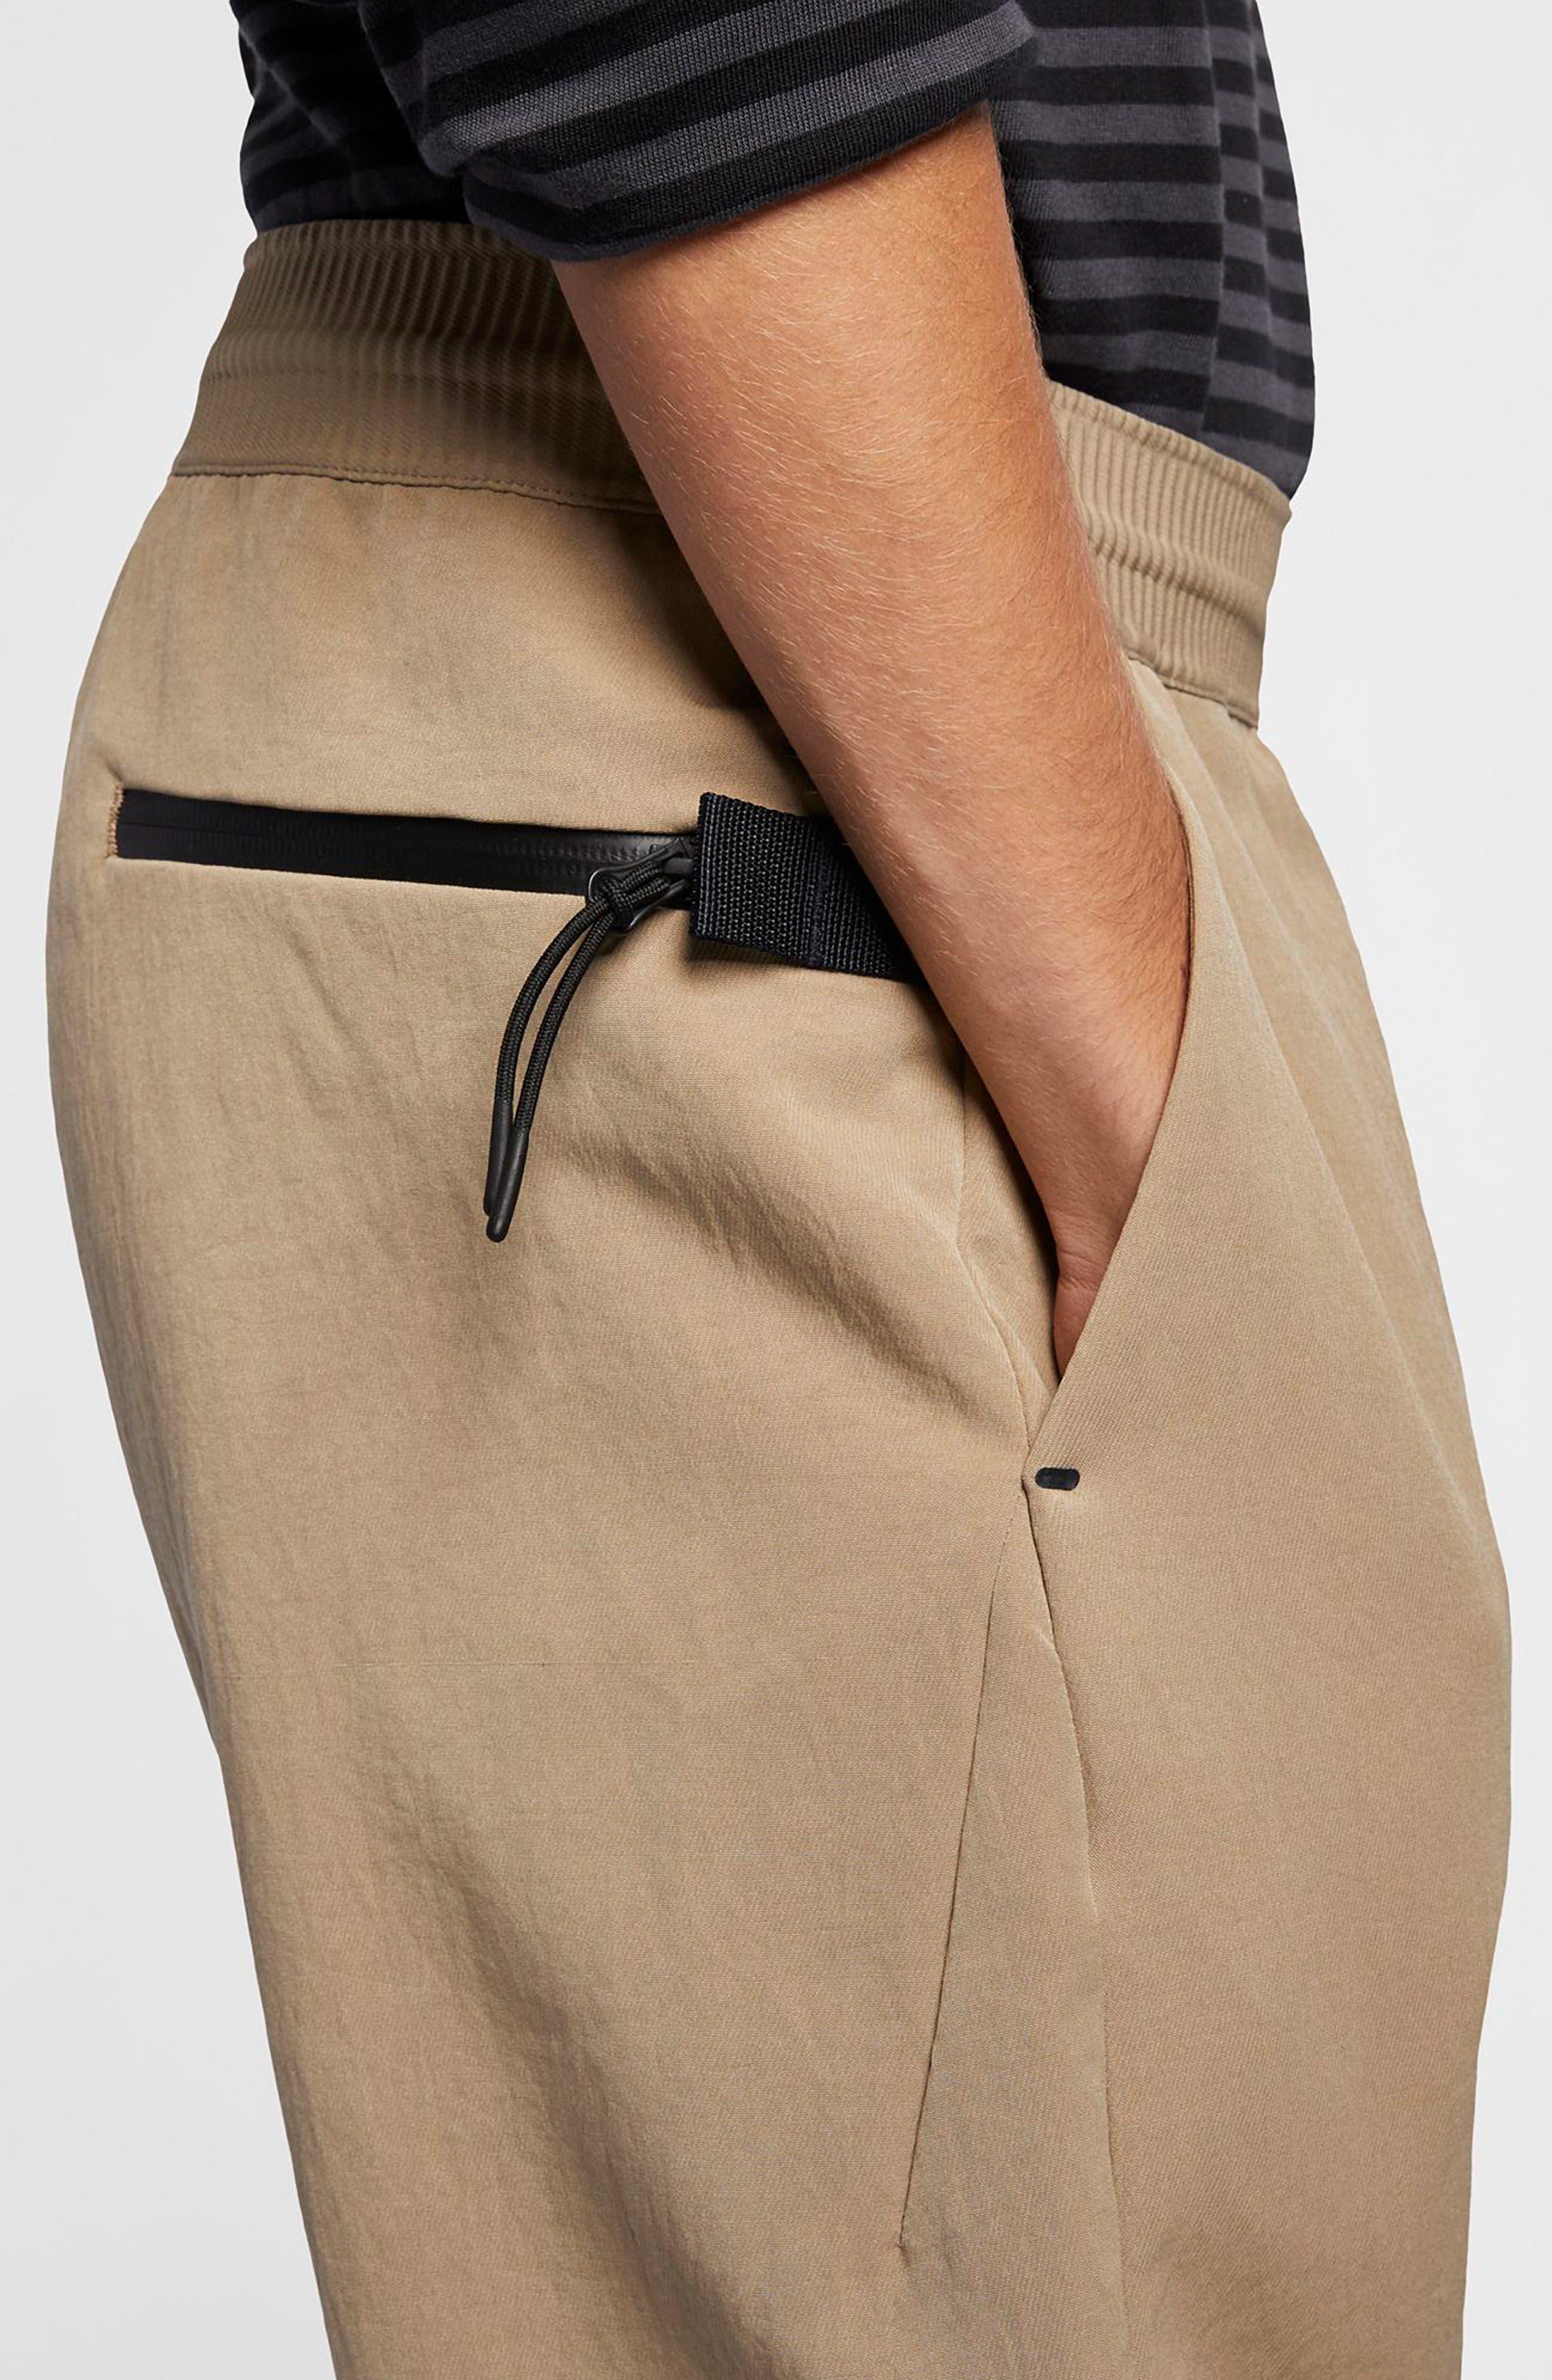 NIKE, Sportswear Tech Pack Men's Crop Woven Pants, Alternate thumbnail 5, color, KHAKI/ KHAKI/ BLACK